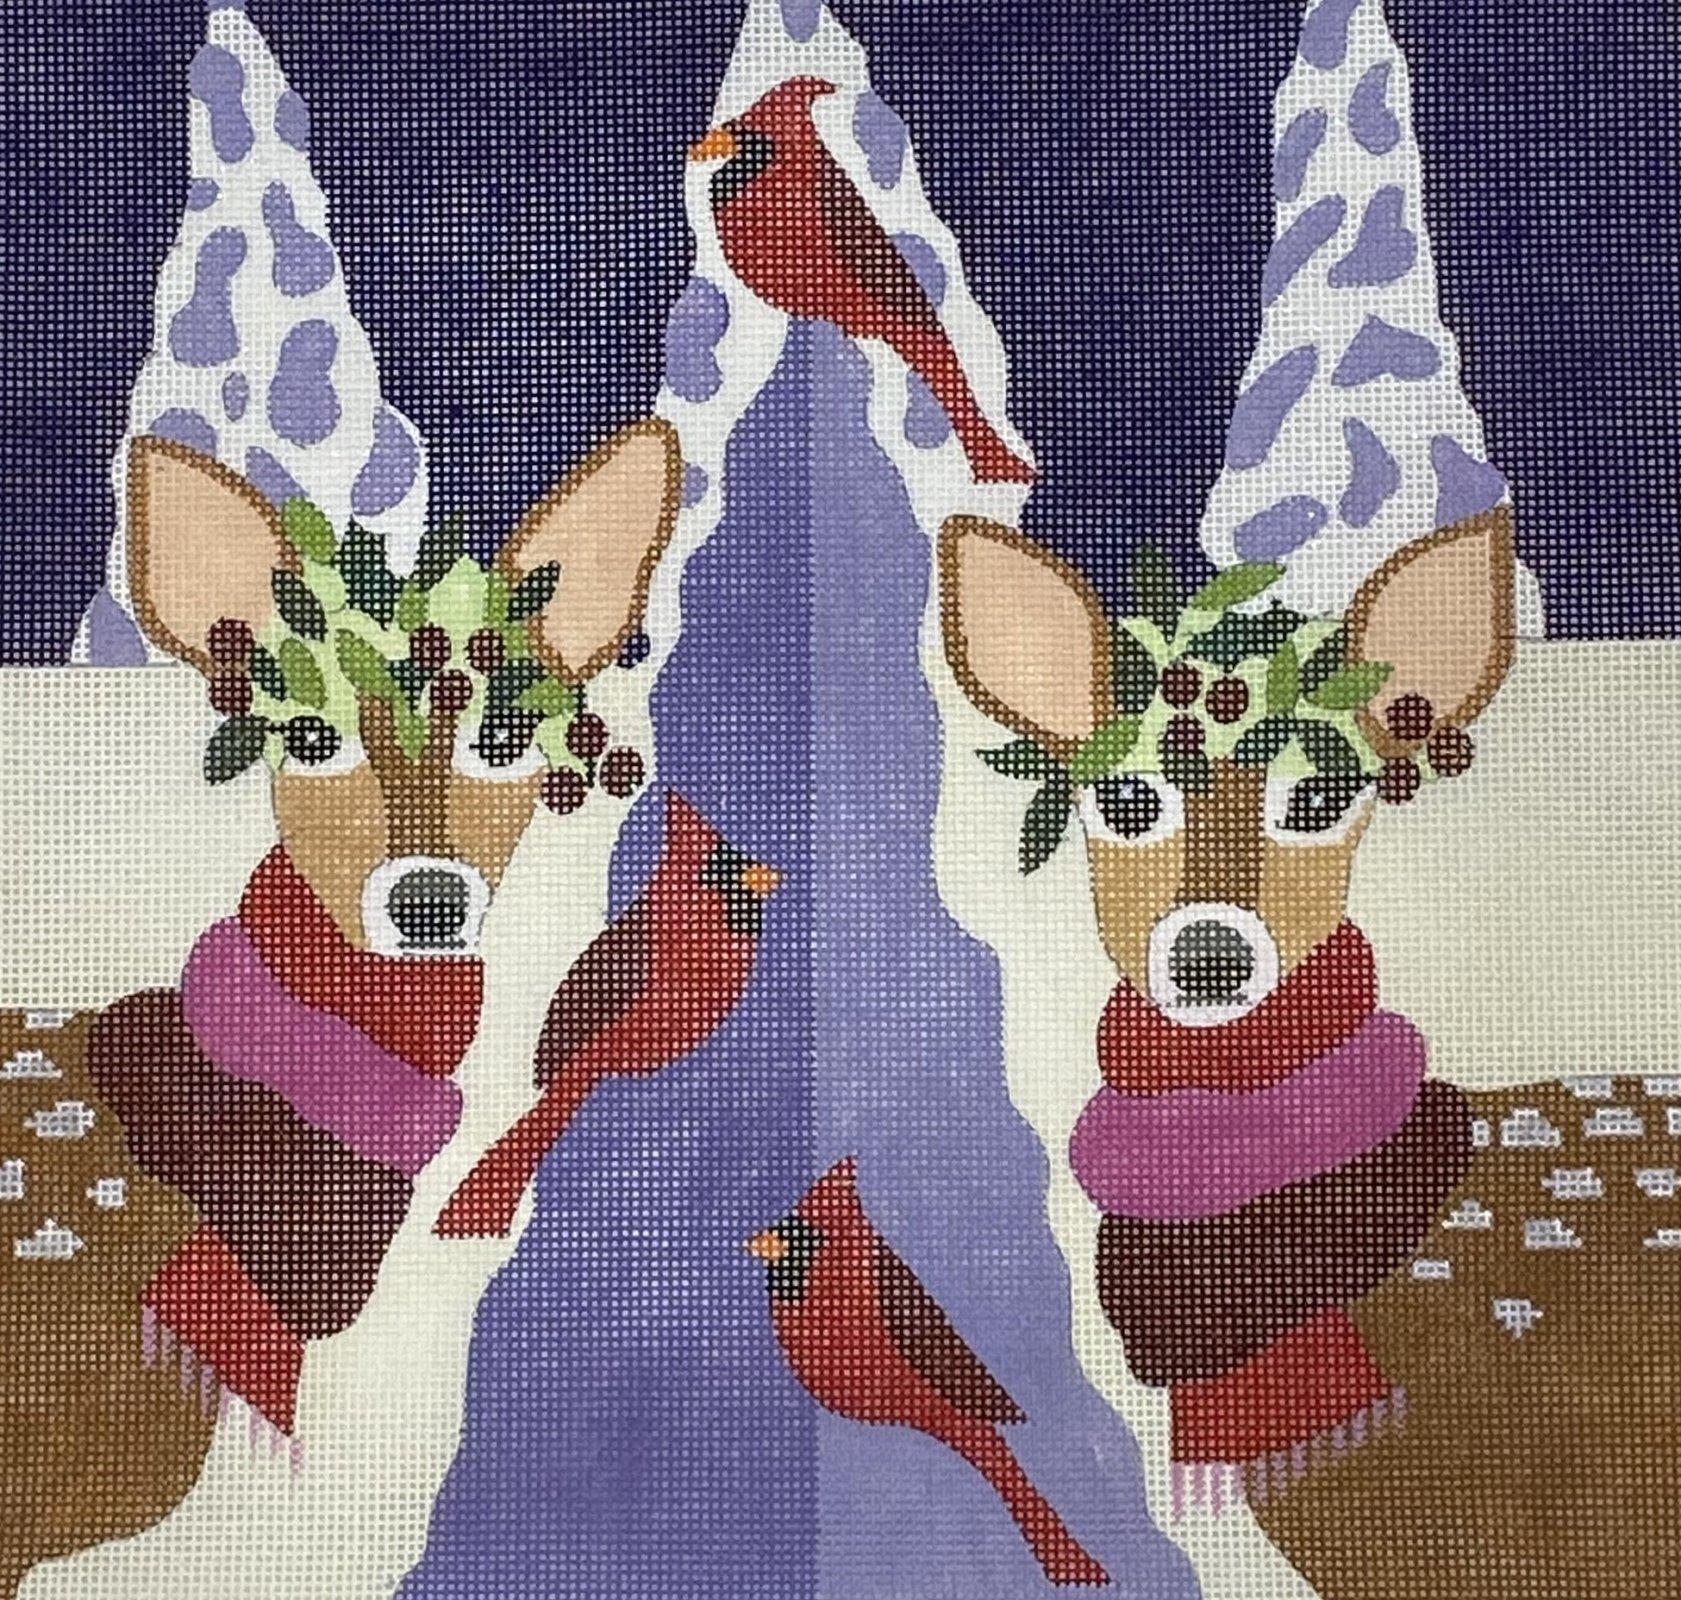 Deer and Cardinals